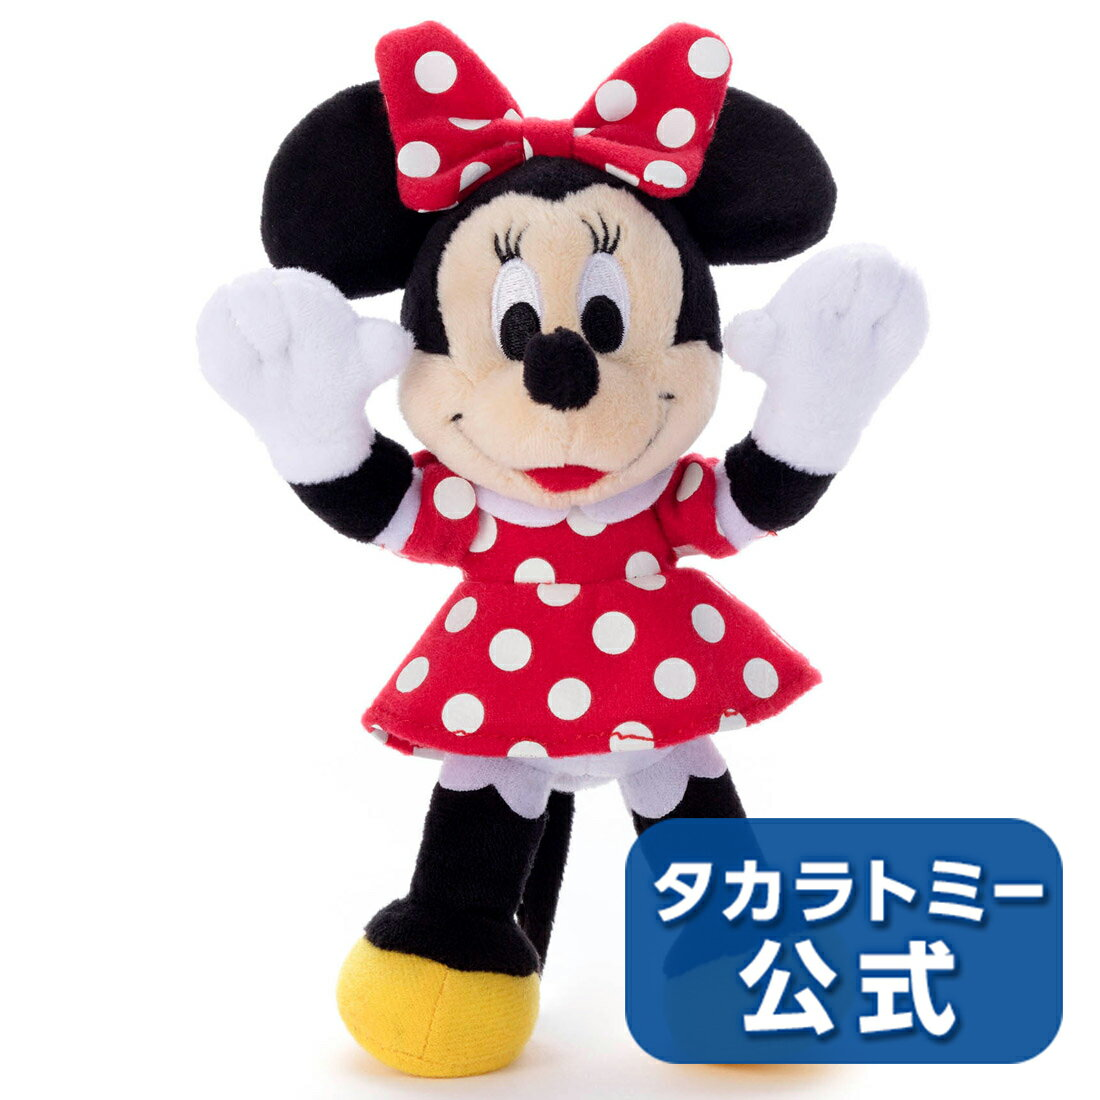 ディズニーキャラクター ポペット ミニーマウス